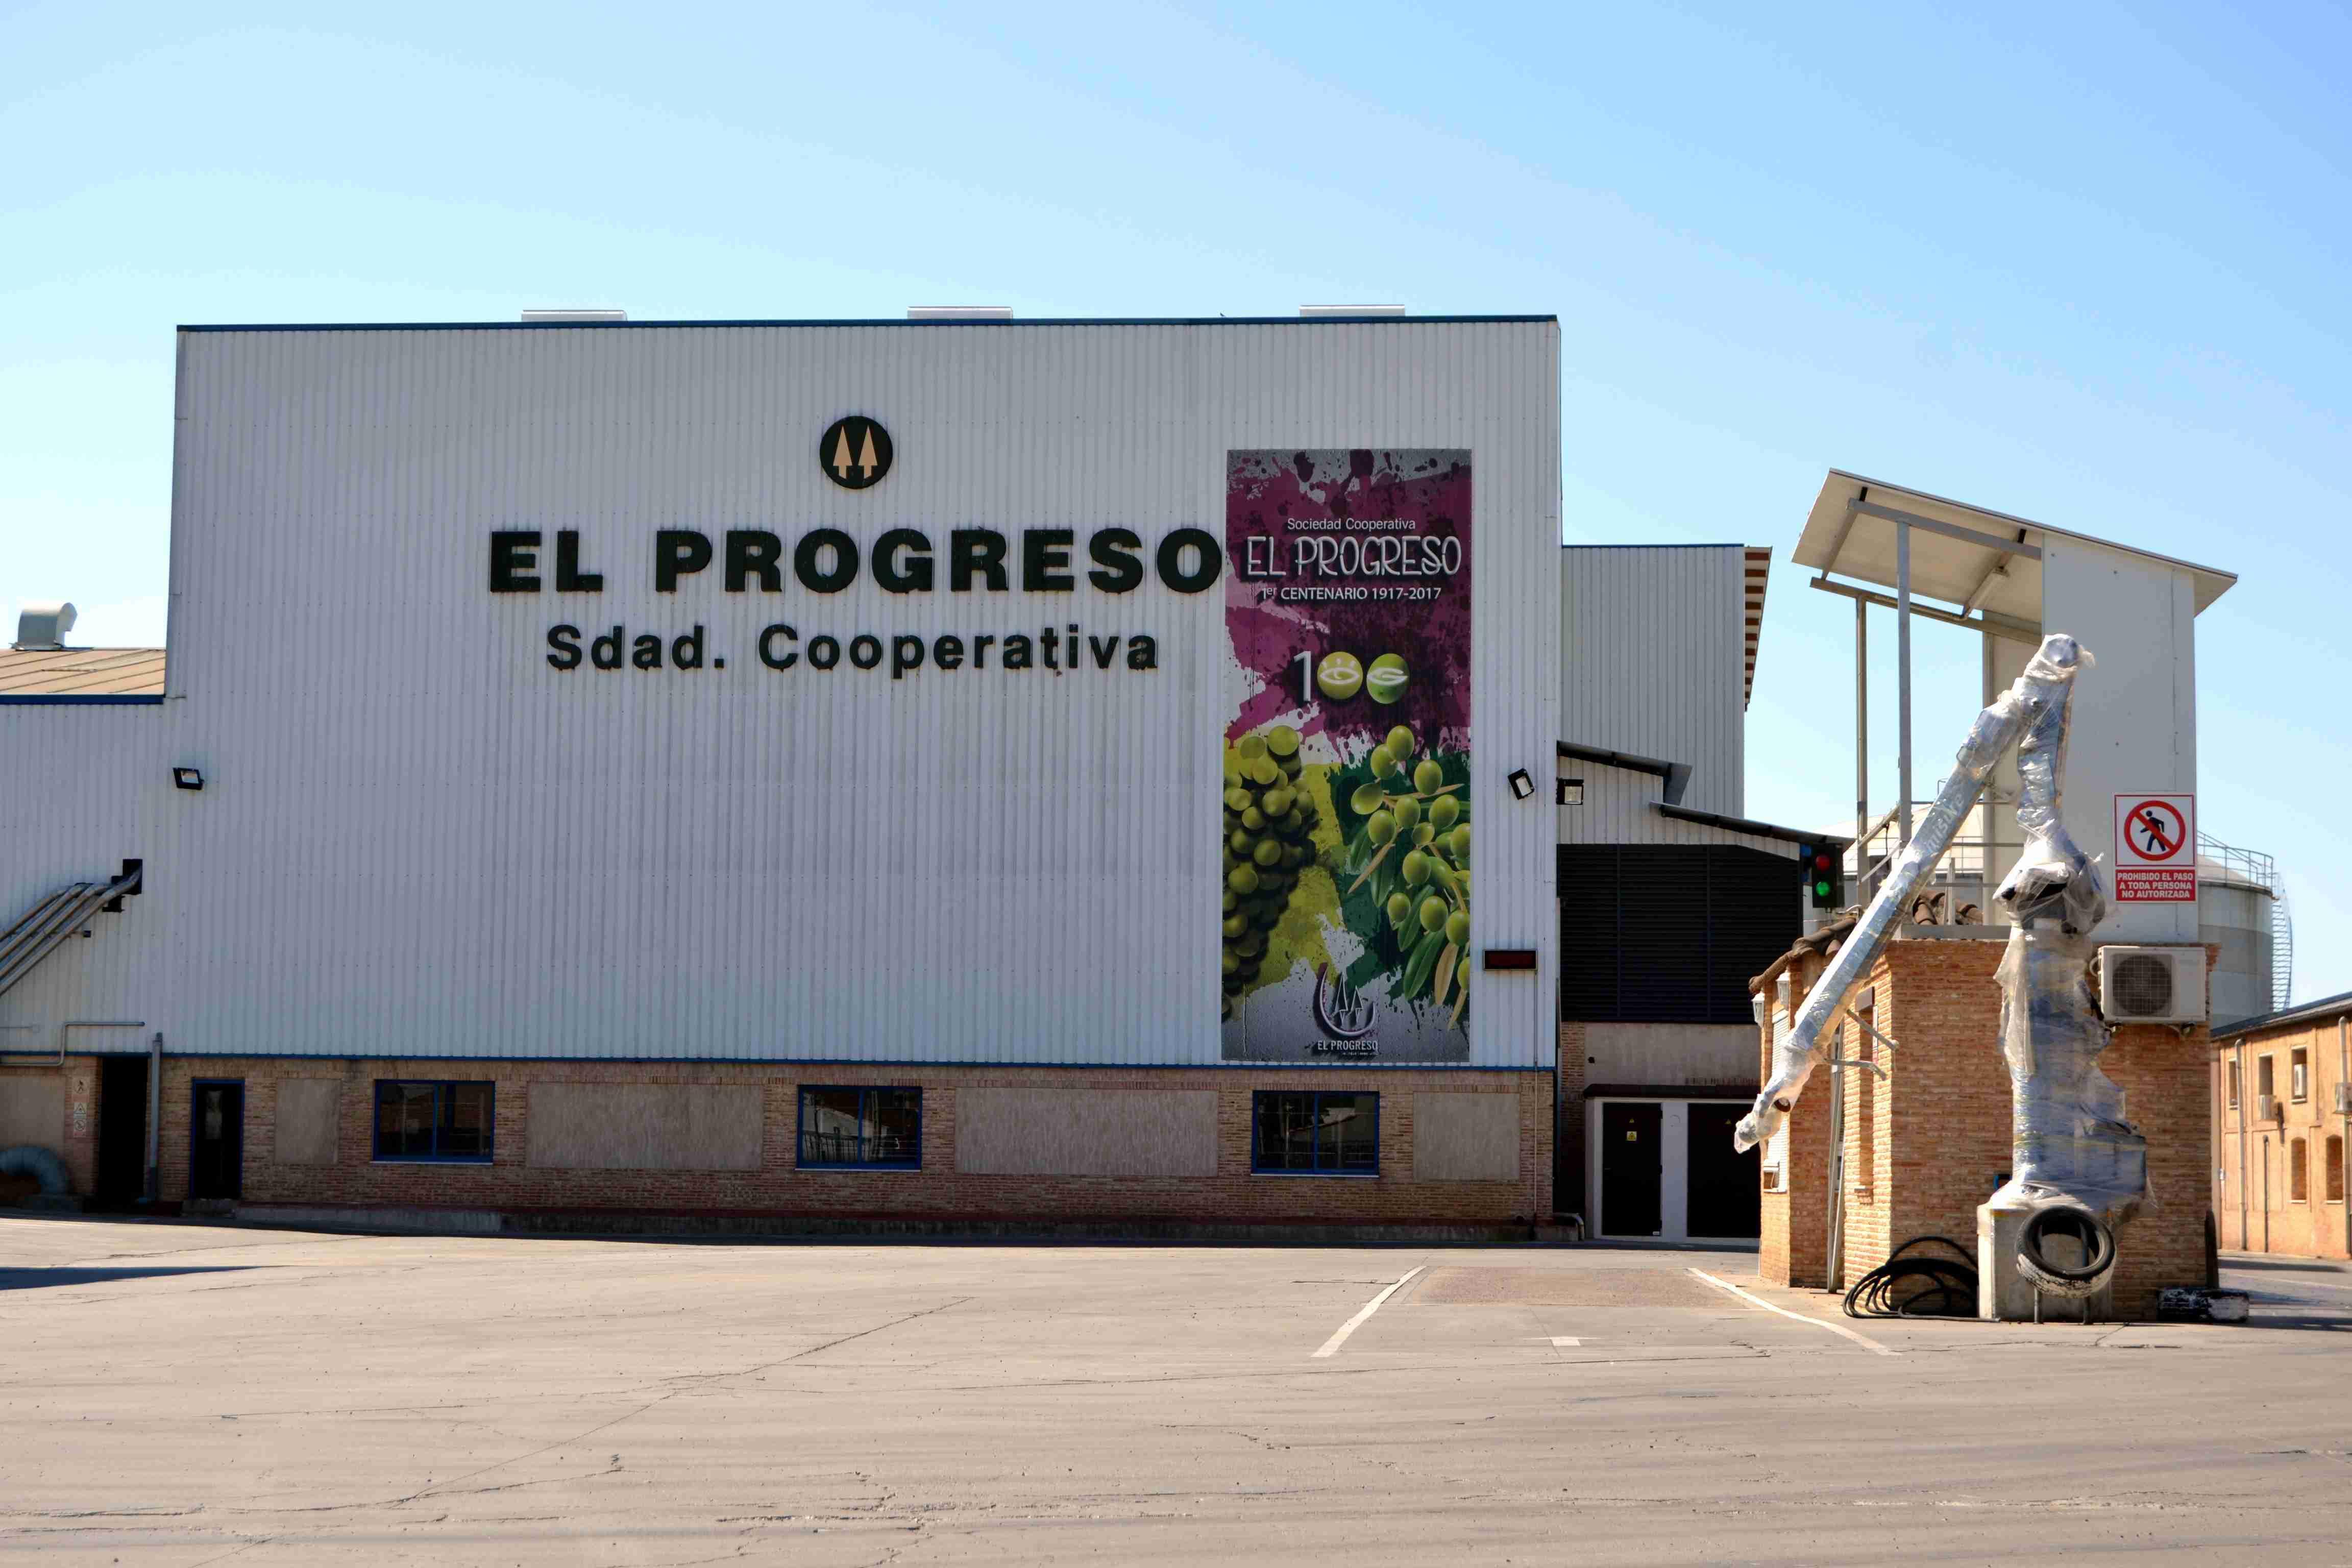 Por la sequía se prevé un adelanto de la vendimia y merma de la producción ha informado la Cooperativa El Progreso de Villarrubia de los Ojos 1